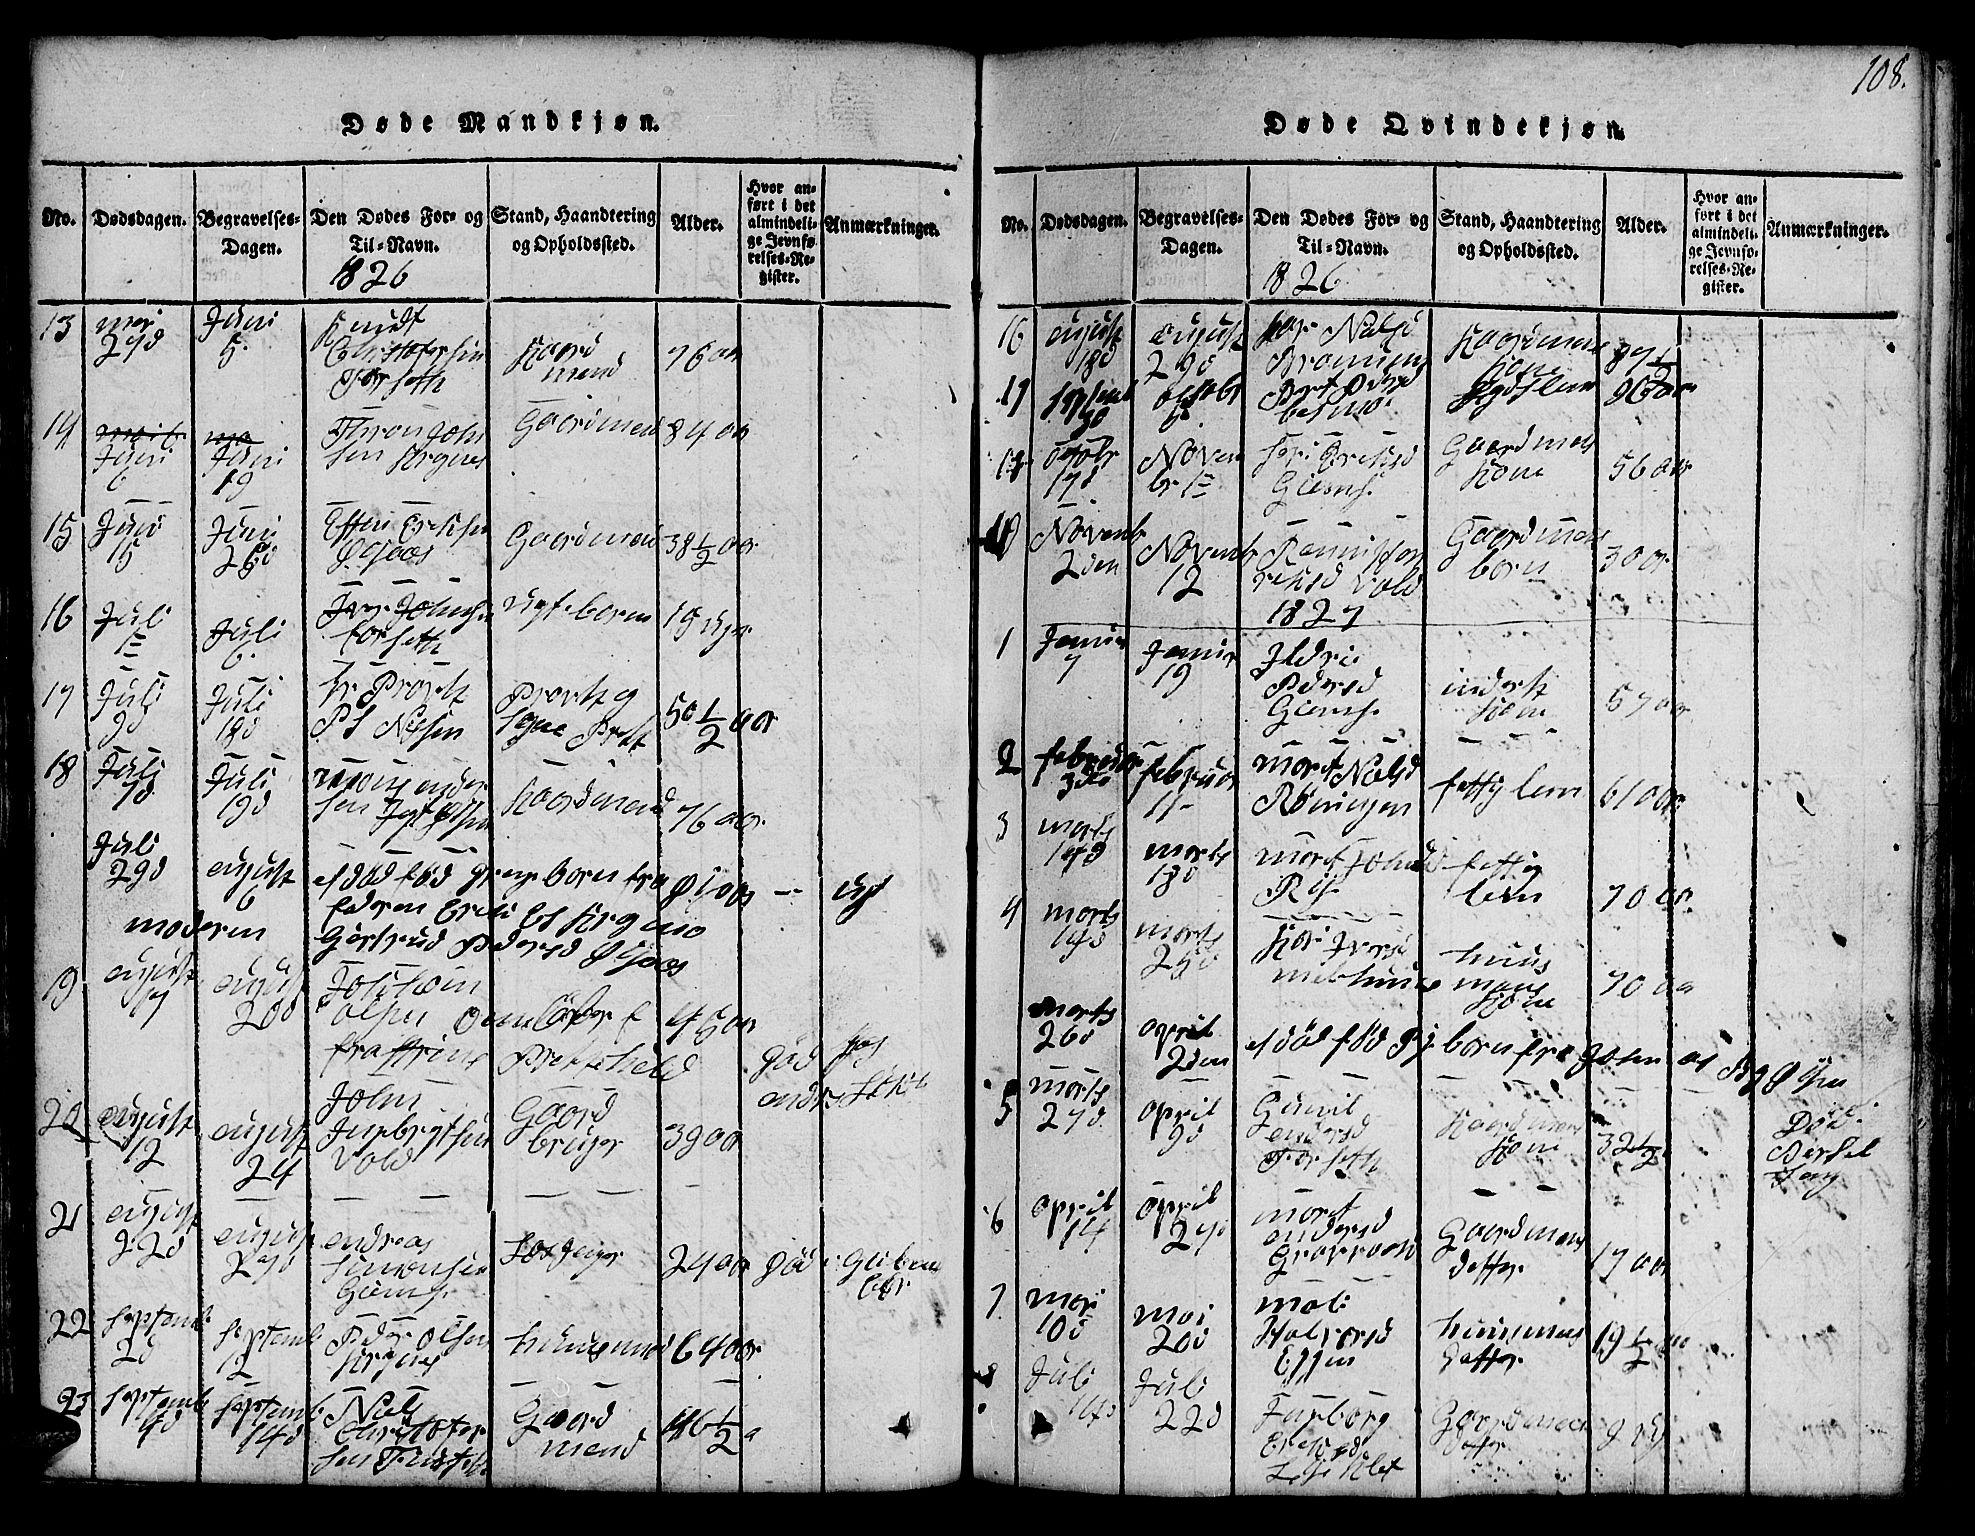 SAT, Ministerialprotokoller, klokkerbøker og fødselsregistre - Sør-Trøndelag, 691/L1092: Klokkerbok nr. 691C03, 1816-1852, s. 108